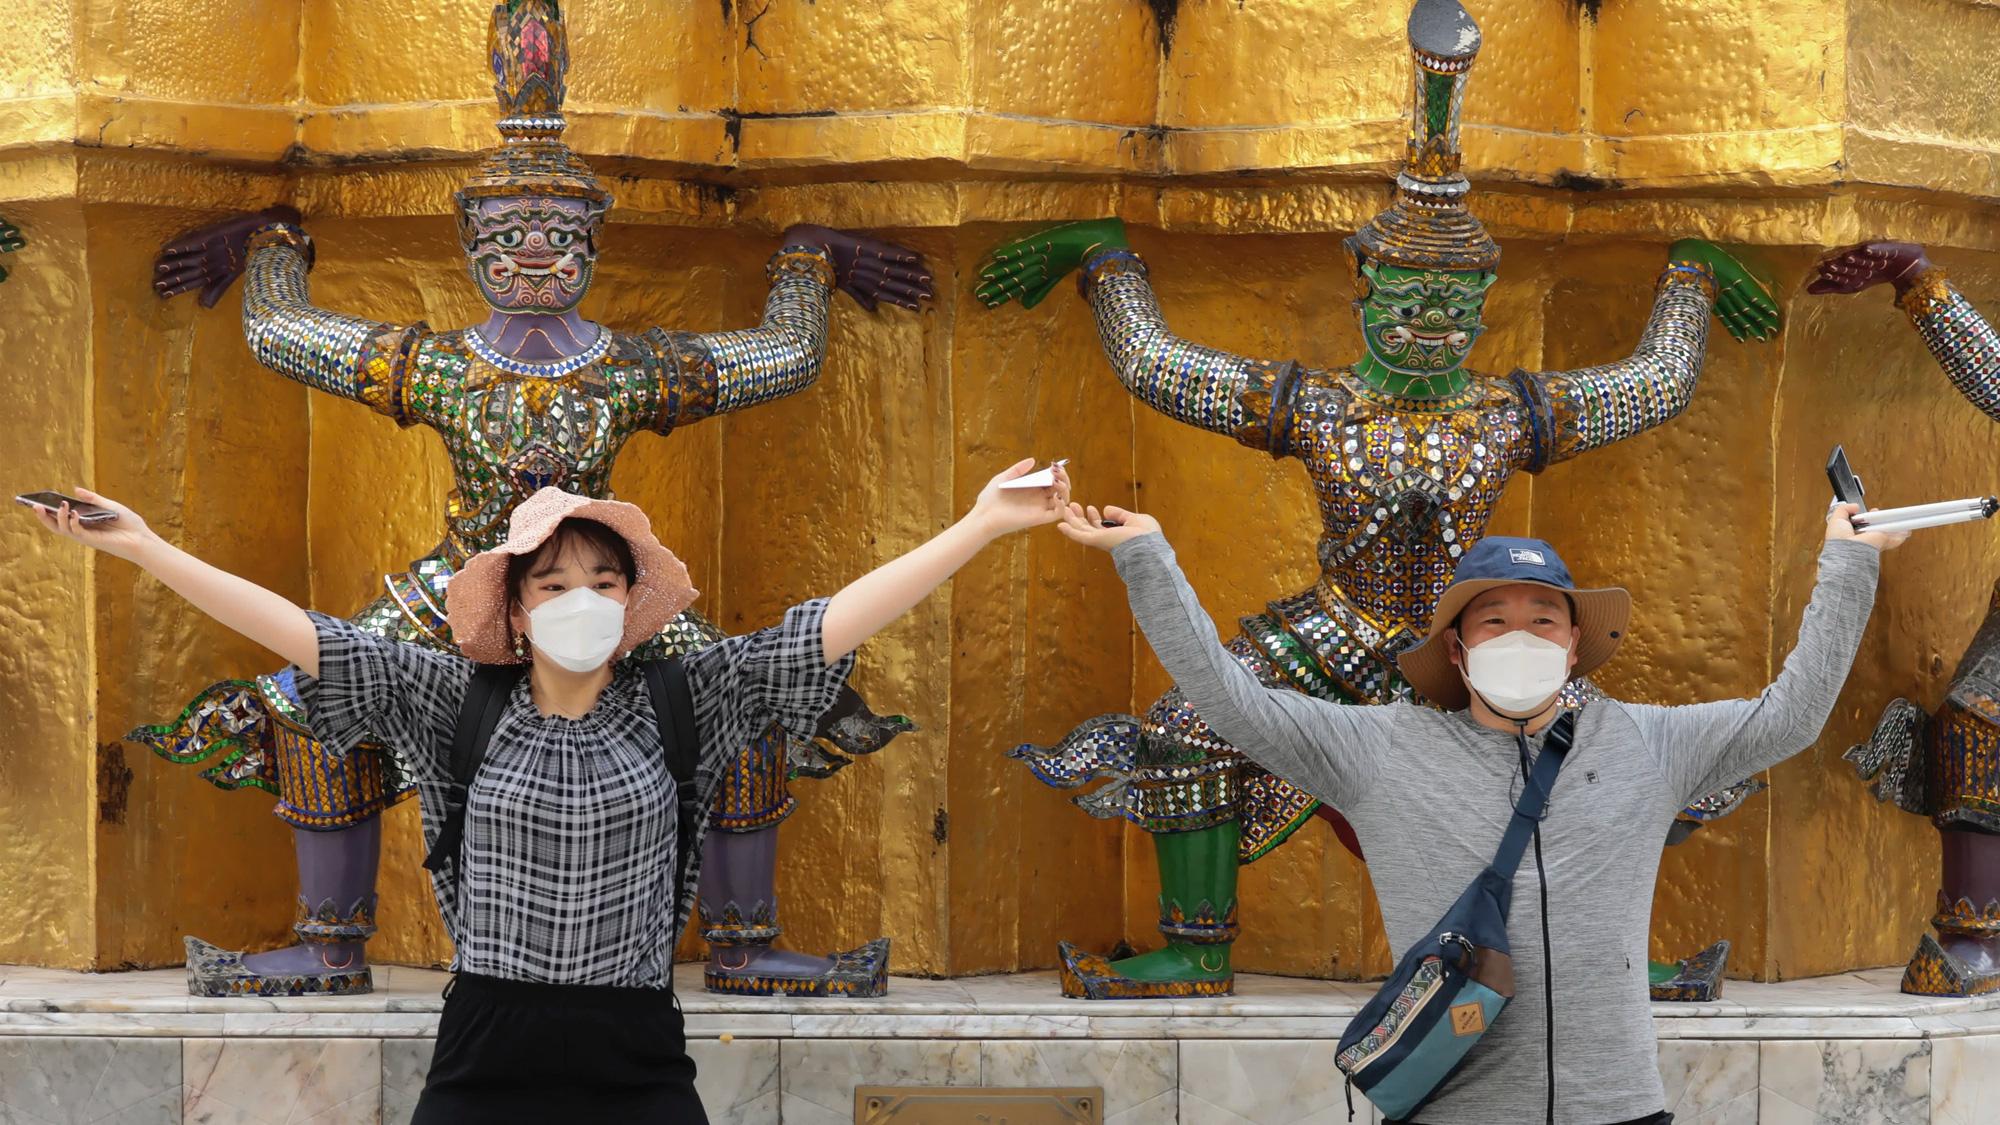 Thái Lan với các chính sách ưu đãi hấp dẫn khách quốc tế - Ảnh 1.